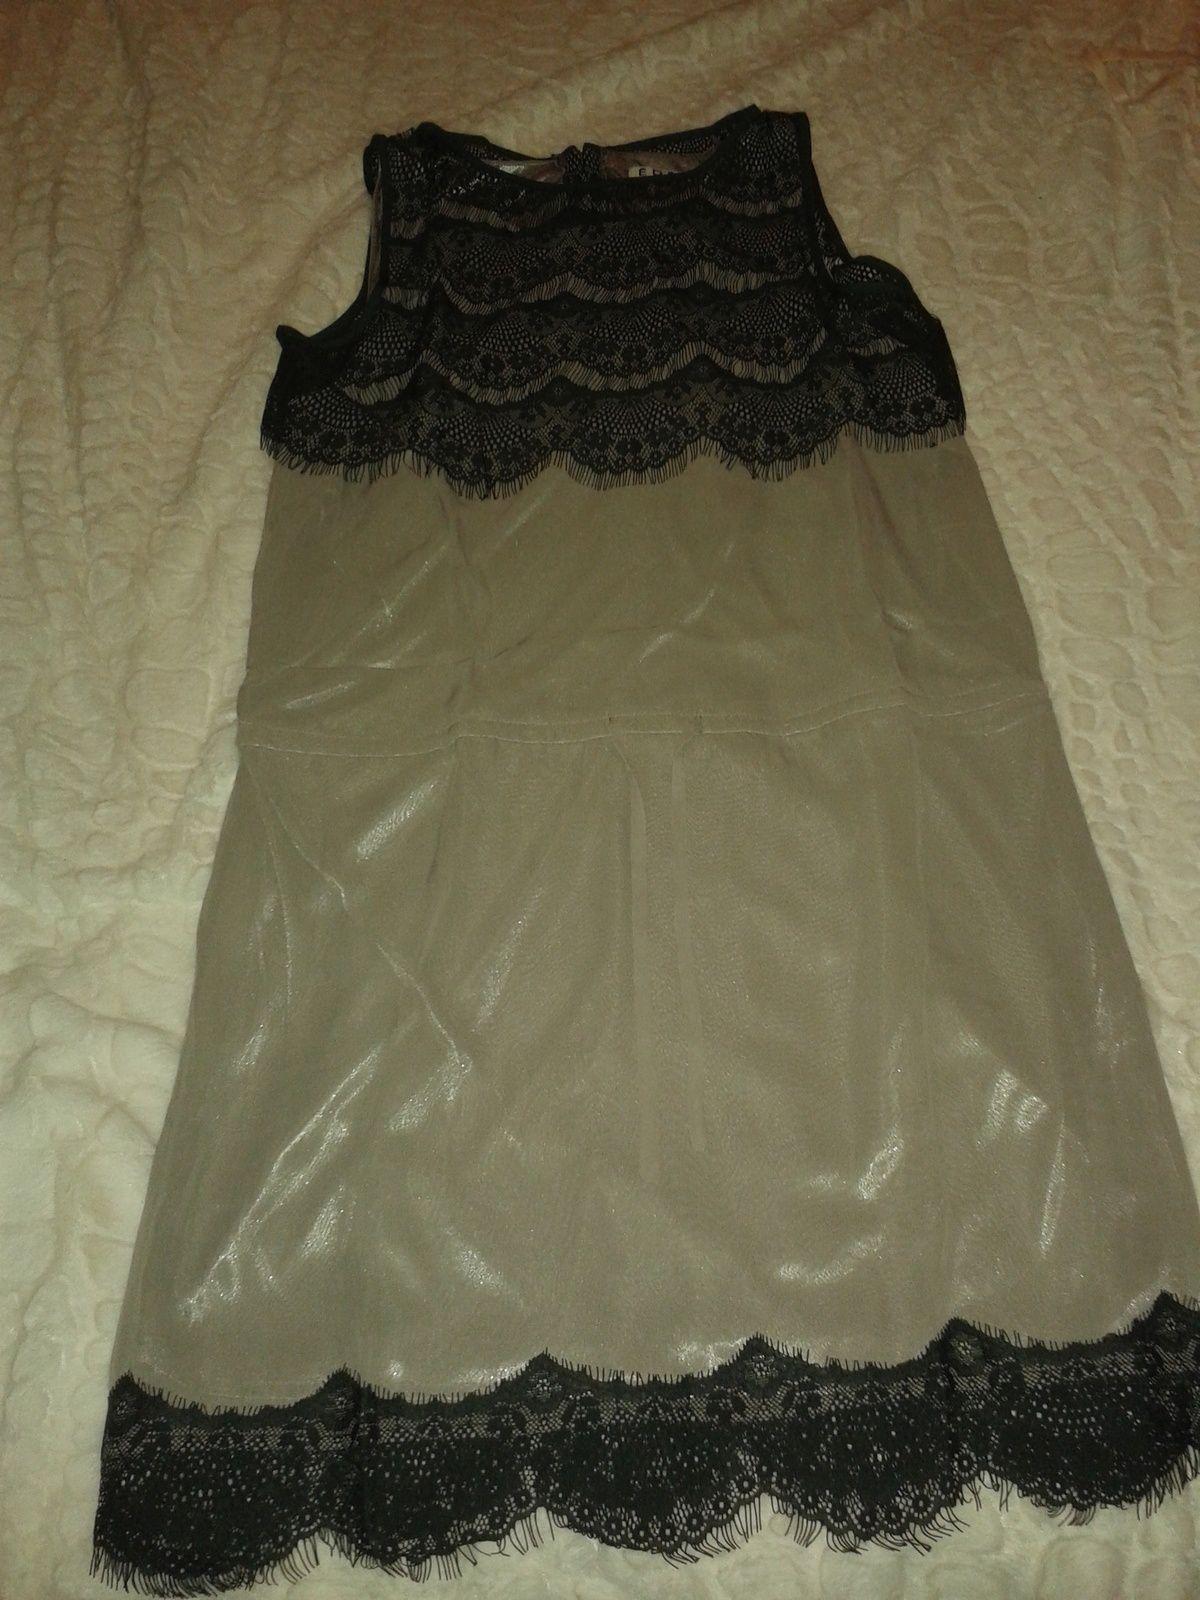 Une petite robe de chez La Redoute à 10 euros au lieu de 40 (pourquoi se priver?) =)